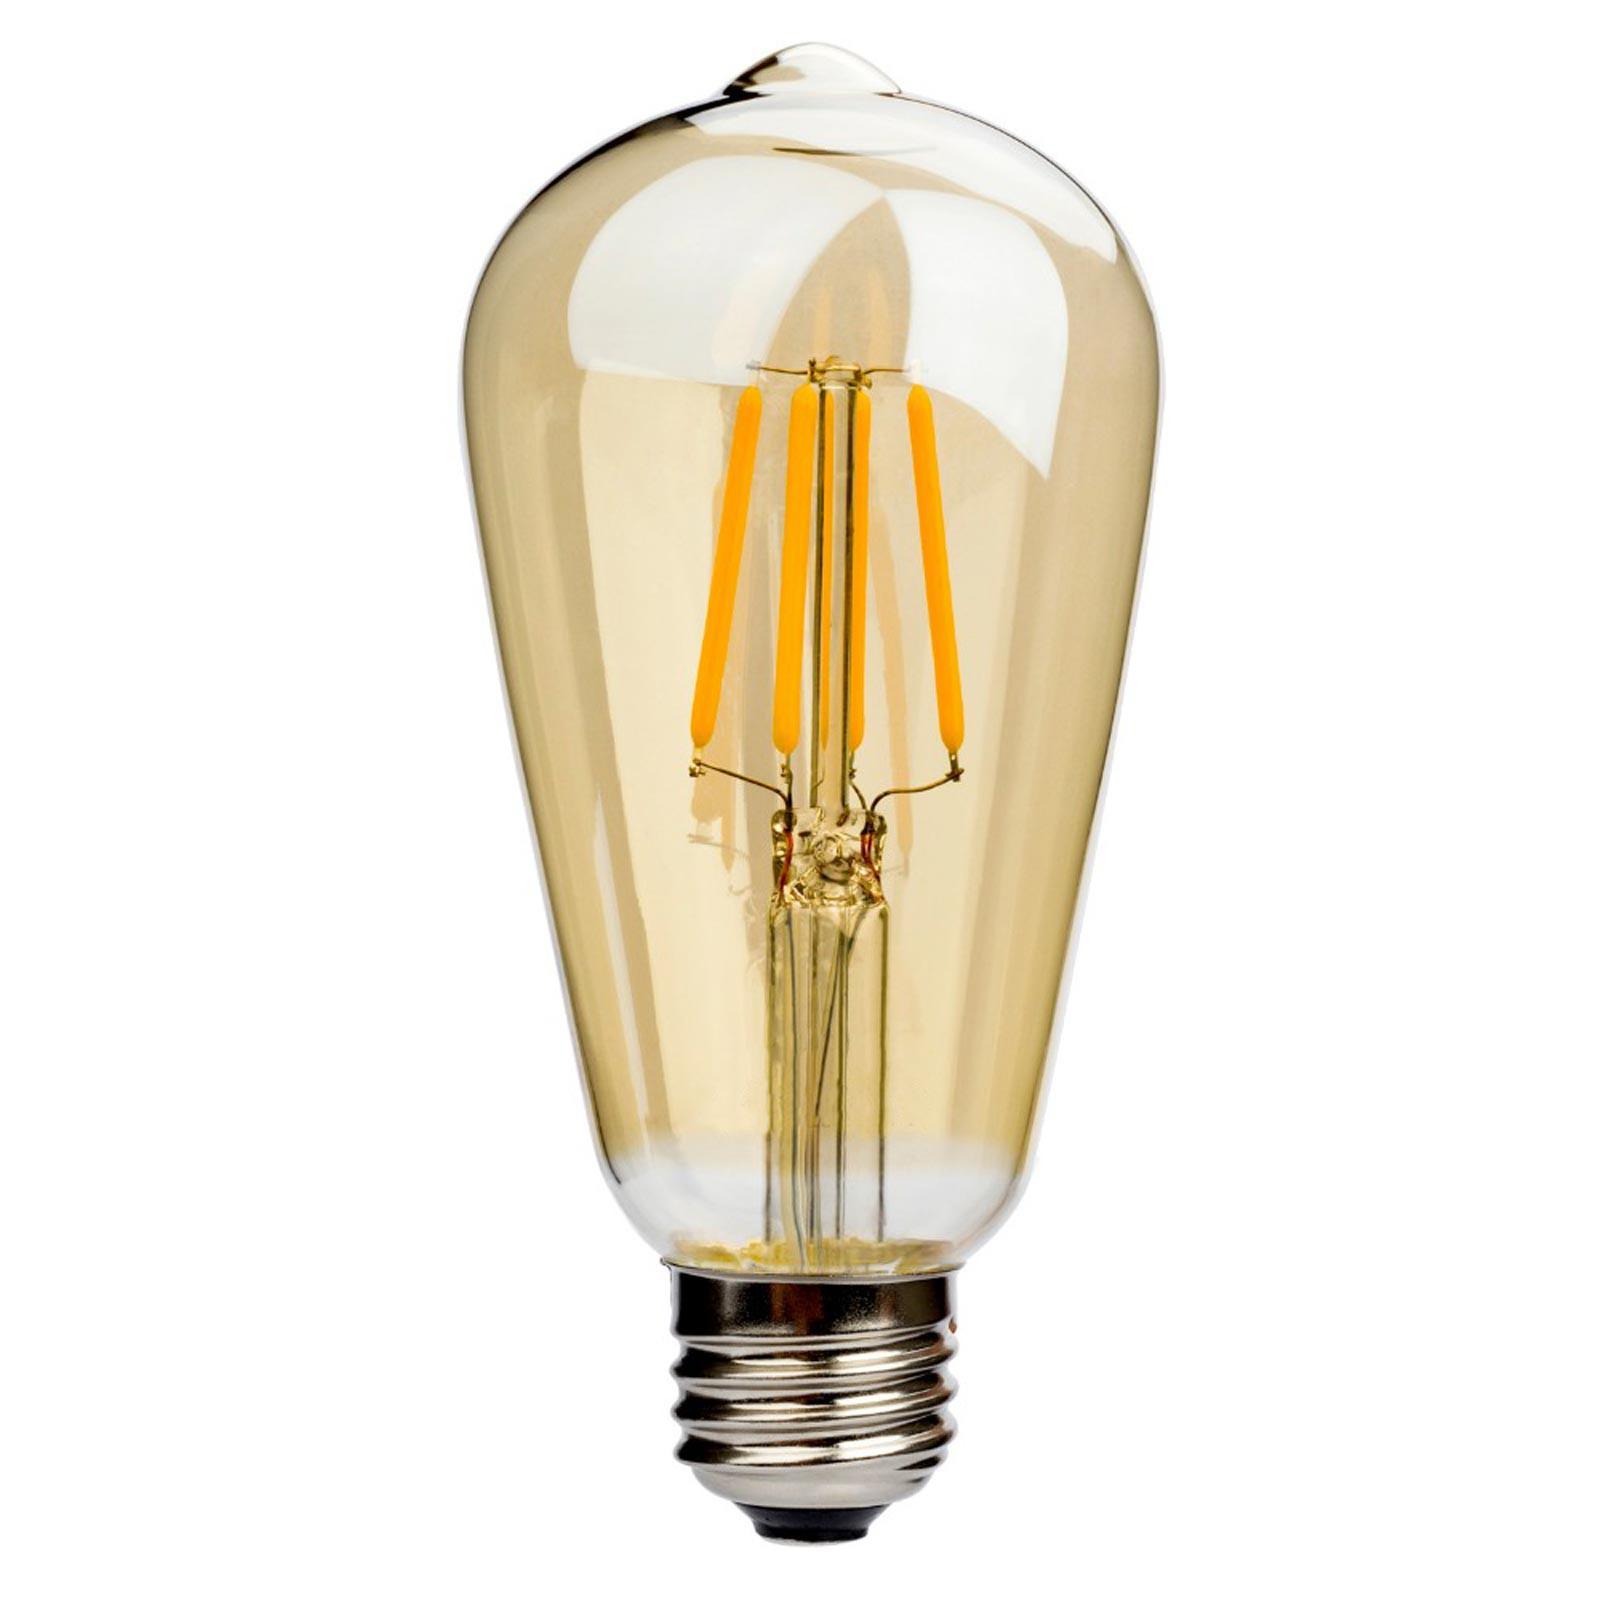 Lampadina lampada a filamento led 6w e27 2200k 500lm v tac for Lampada a lampadina